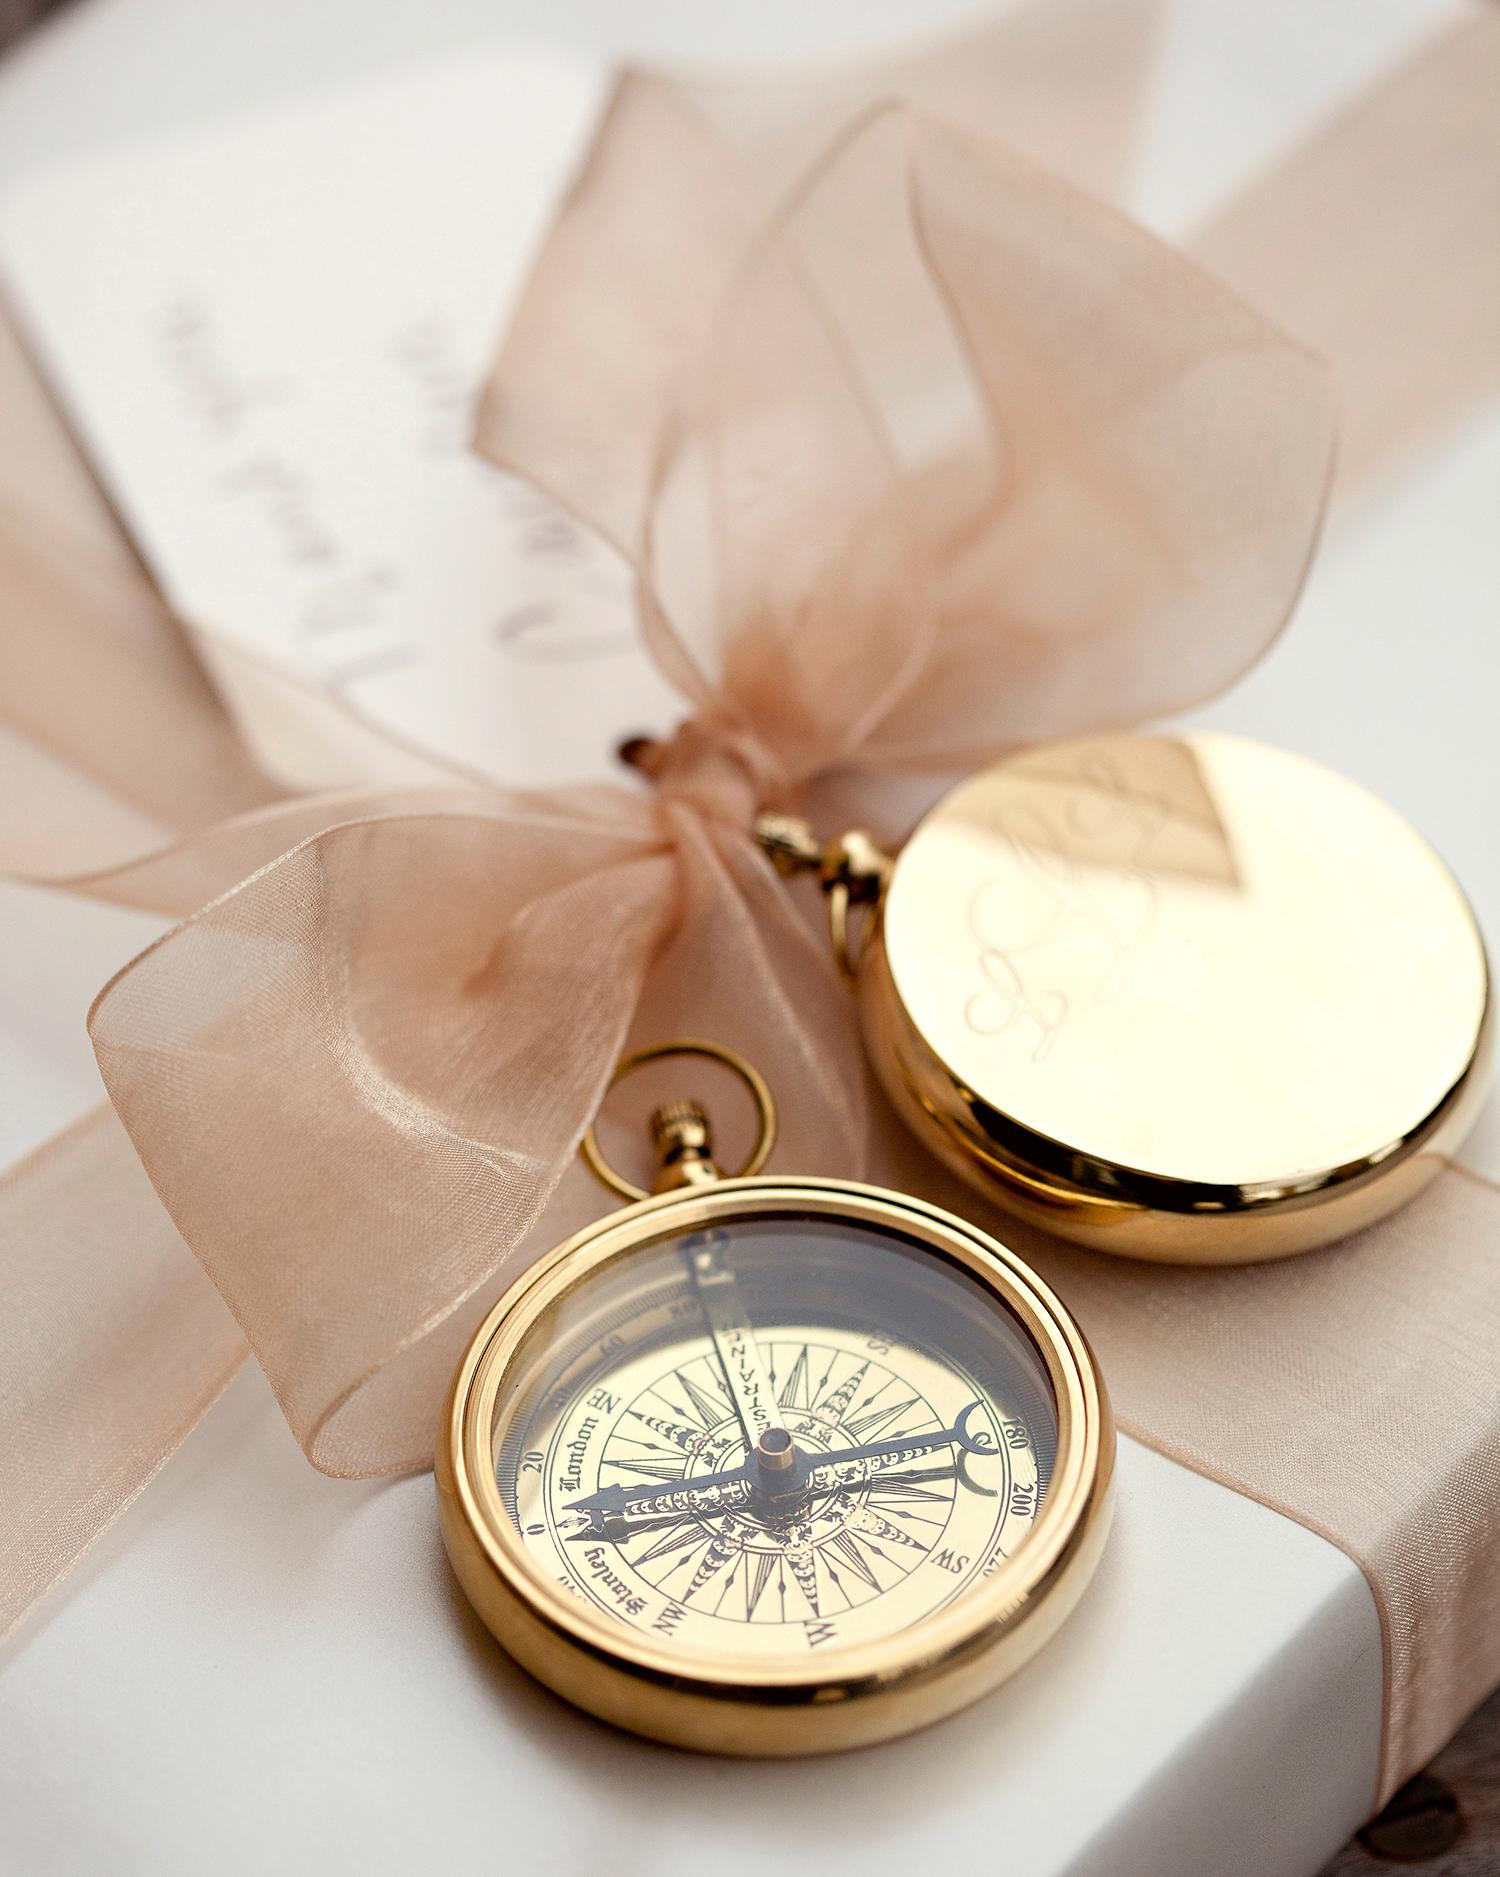 clooney-wedding-rosemary-clooney-escort-card-0914.jpg